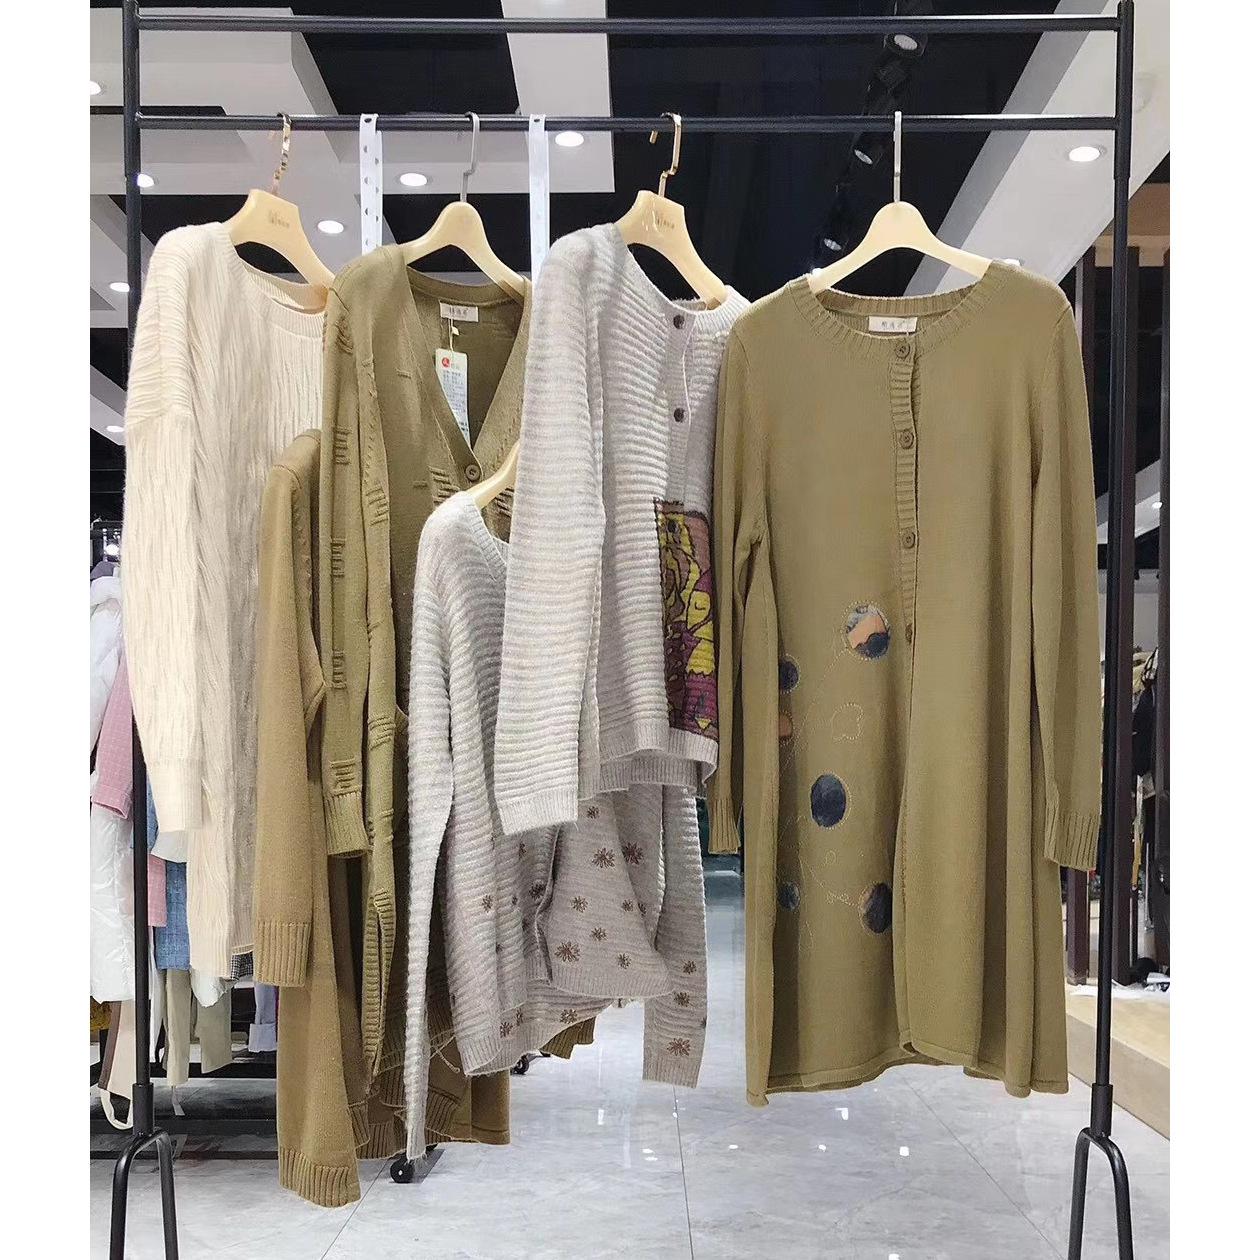 2020秋季连衣裙中国风复古刺绣棉麻大码女装品牌专卖店实体货源